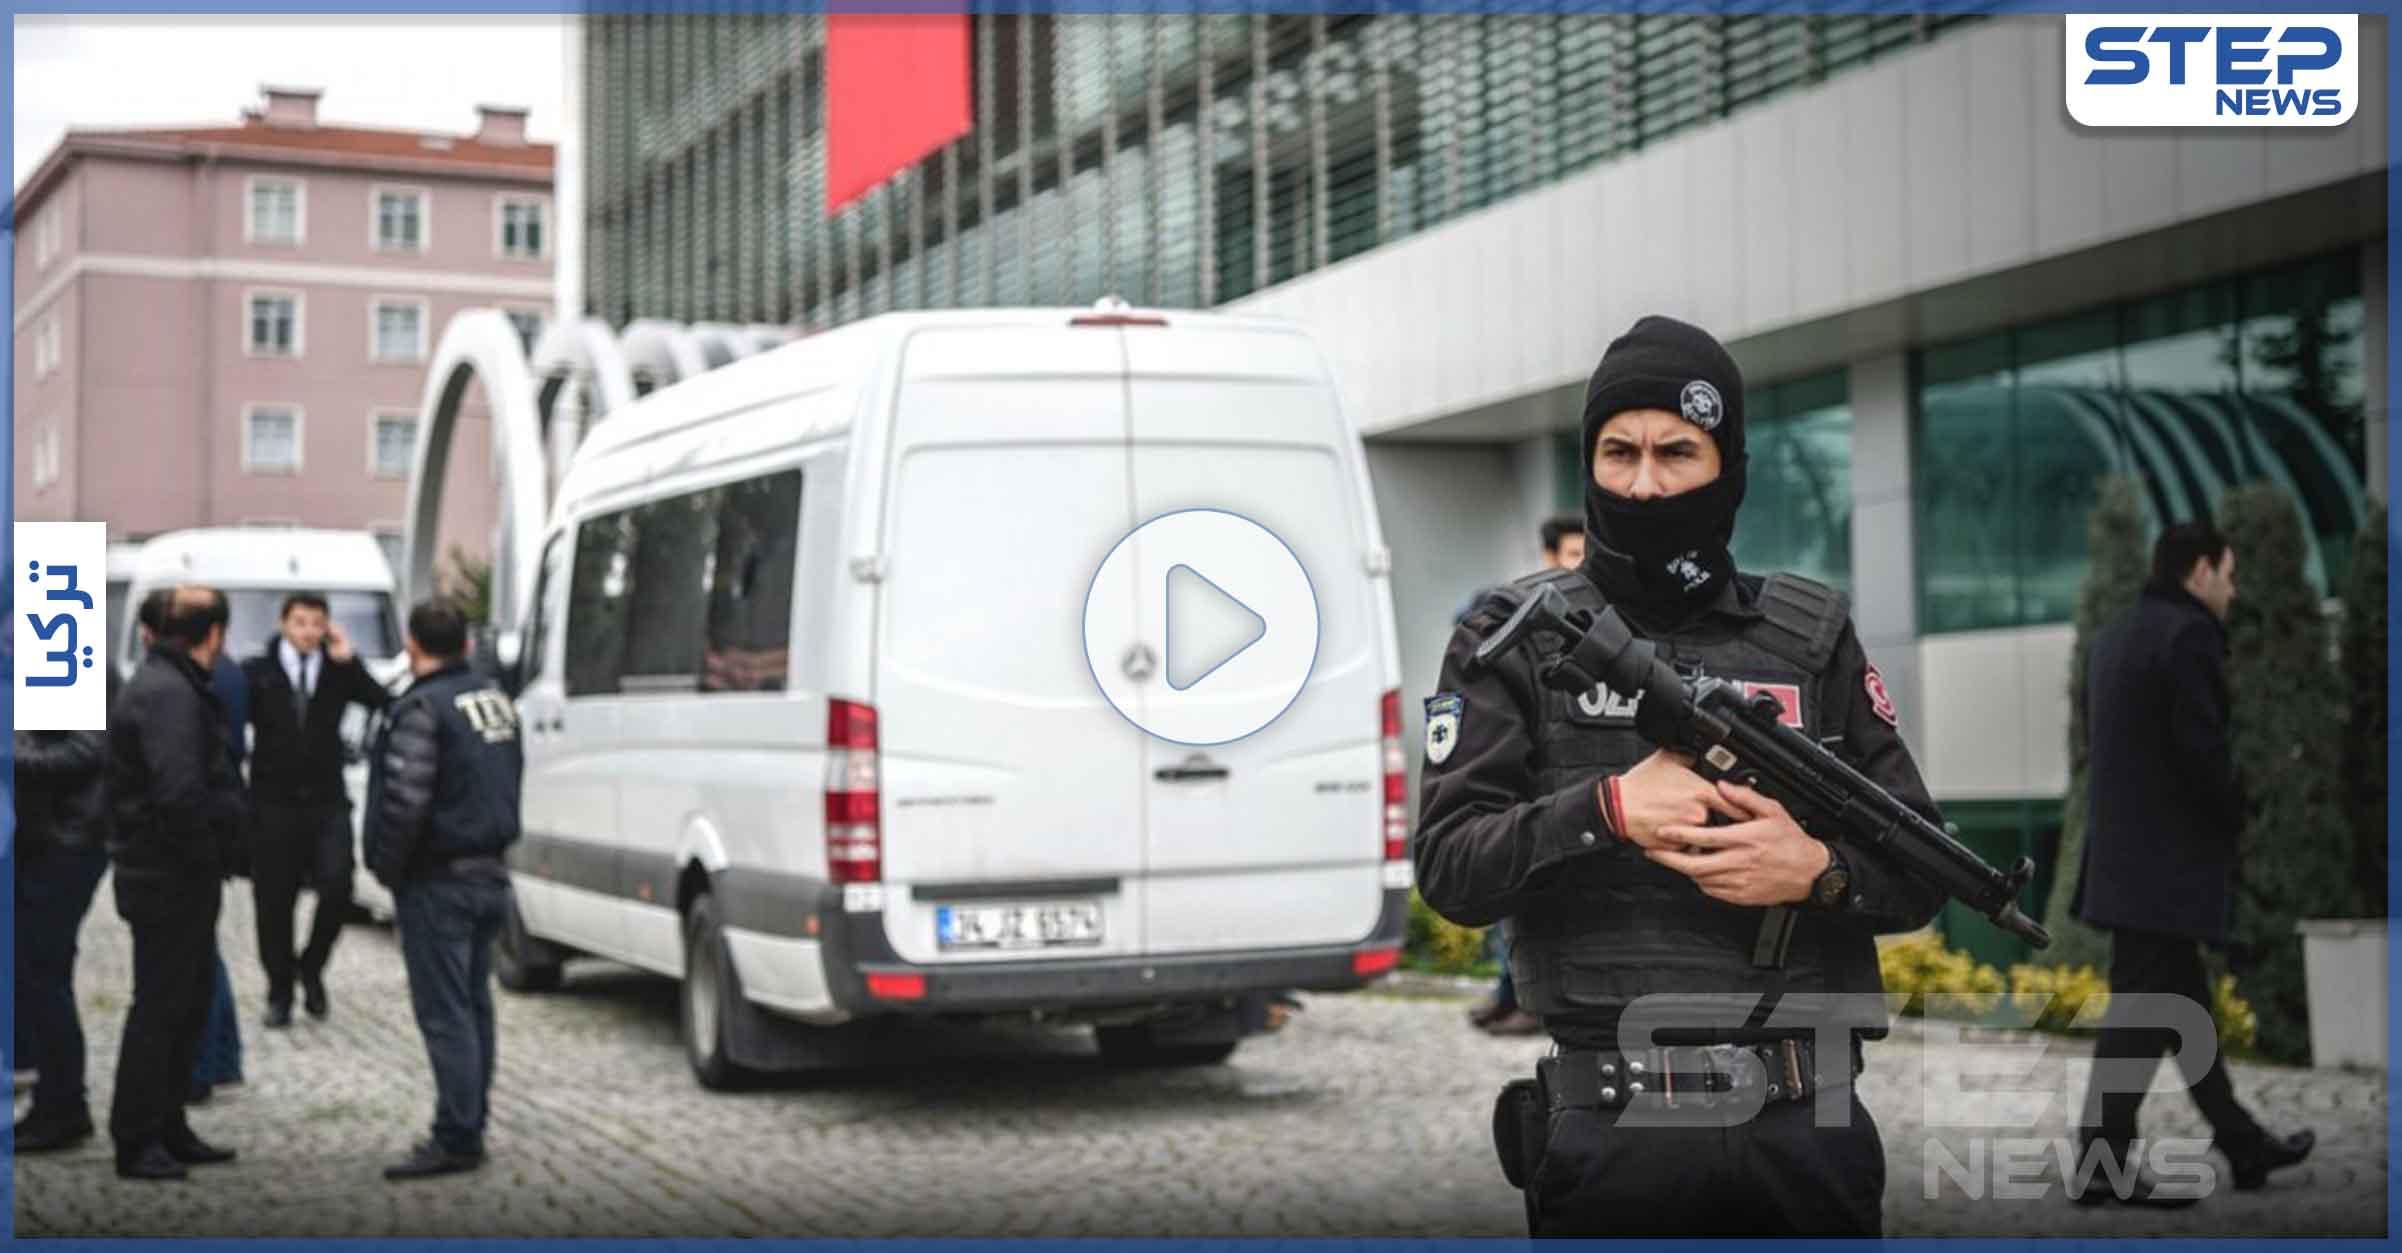 بالفيديو    بسكين وقضيب حديدي.. رجل يهاجم الأطباء بمركز صحي غرب اسطنبول